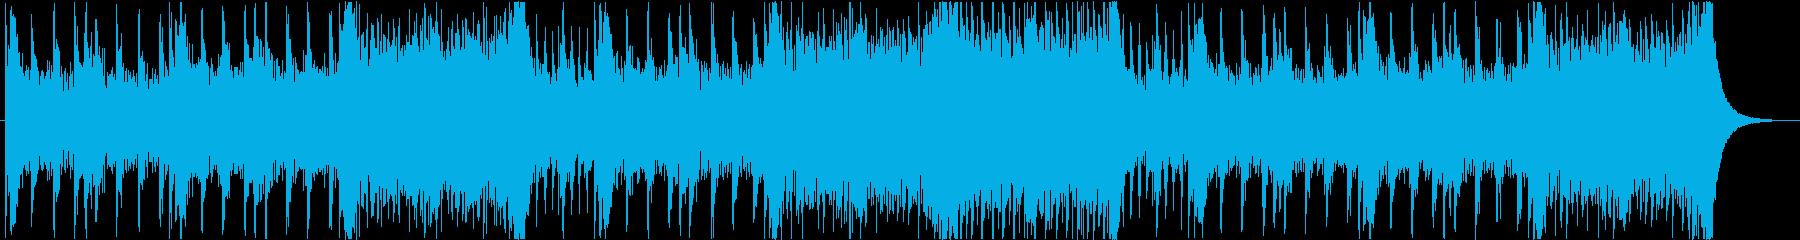 緊迫のバトル風壮大なオーケストラBGMの再生済みの波形